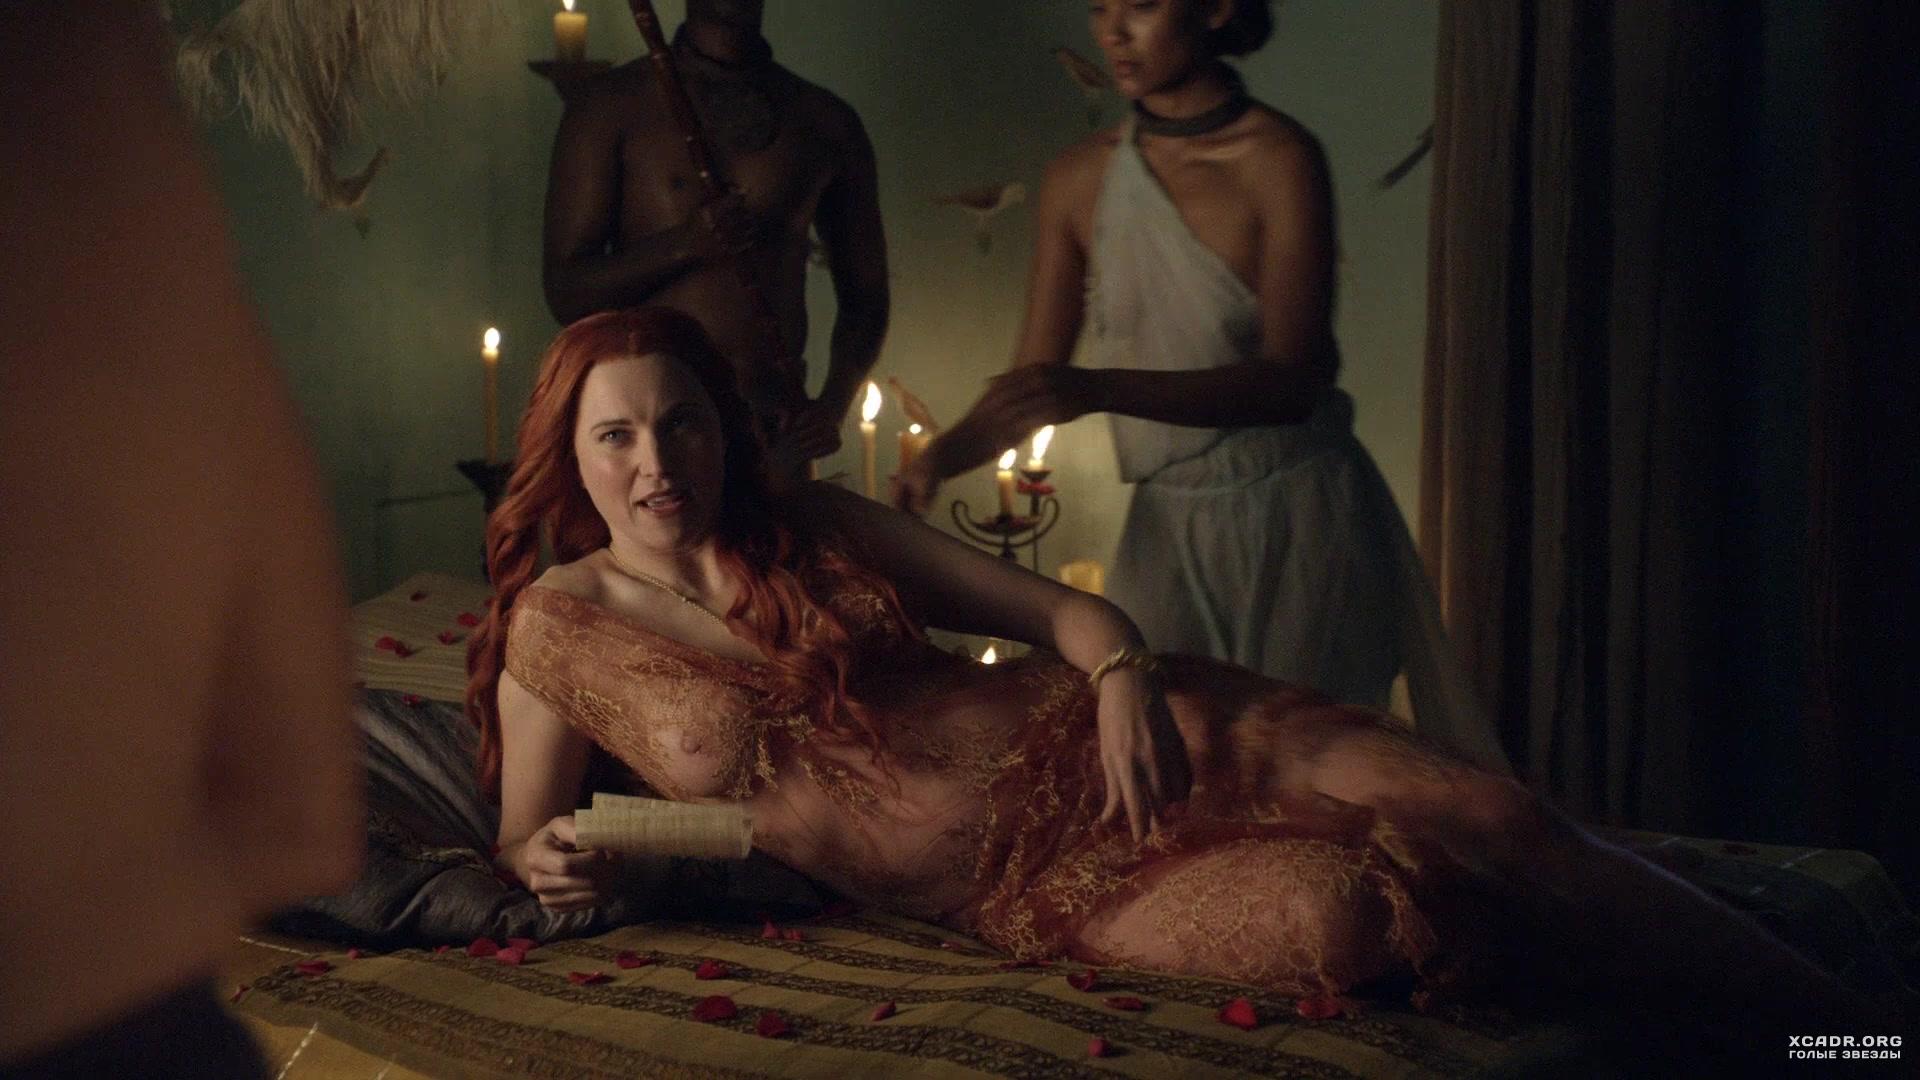 virezannie-eroticheskie-stseni-filmov-osnovi-muzhskogo-fistinga